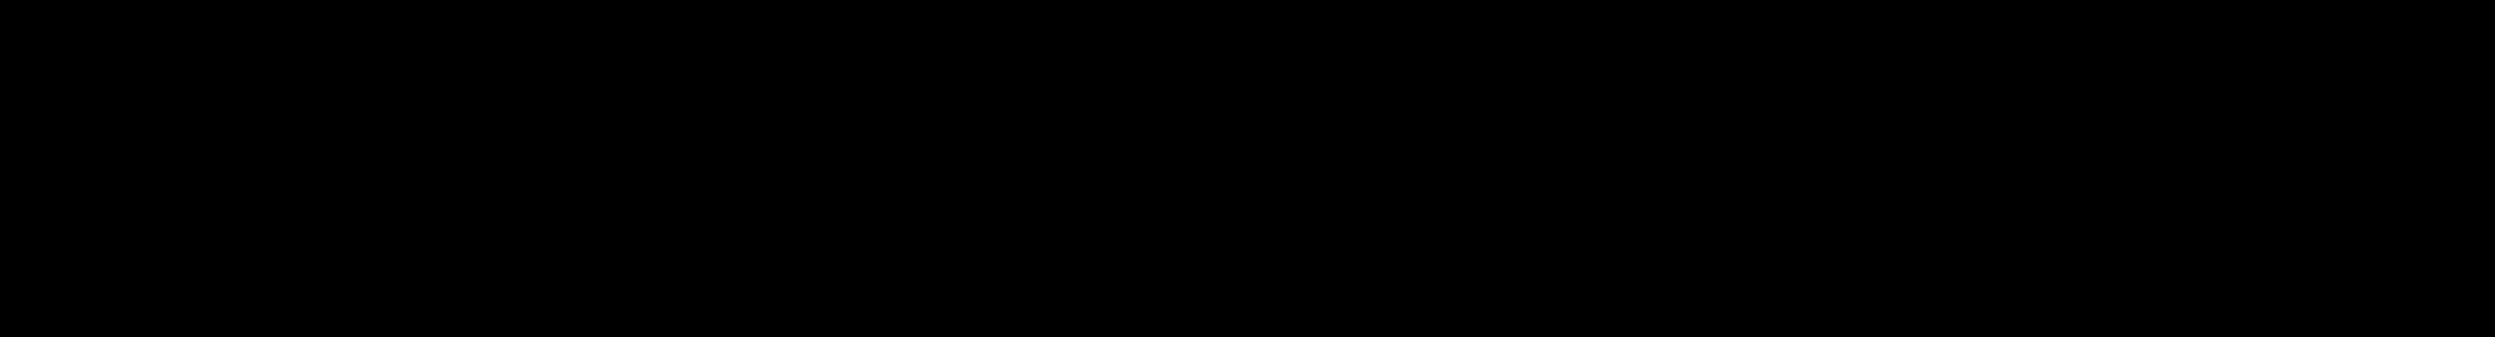 2分音符のドレミファソ